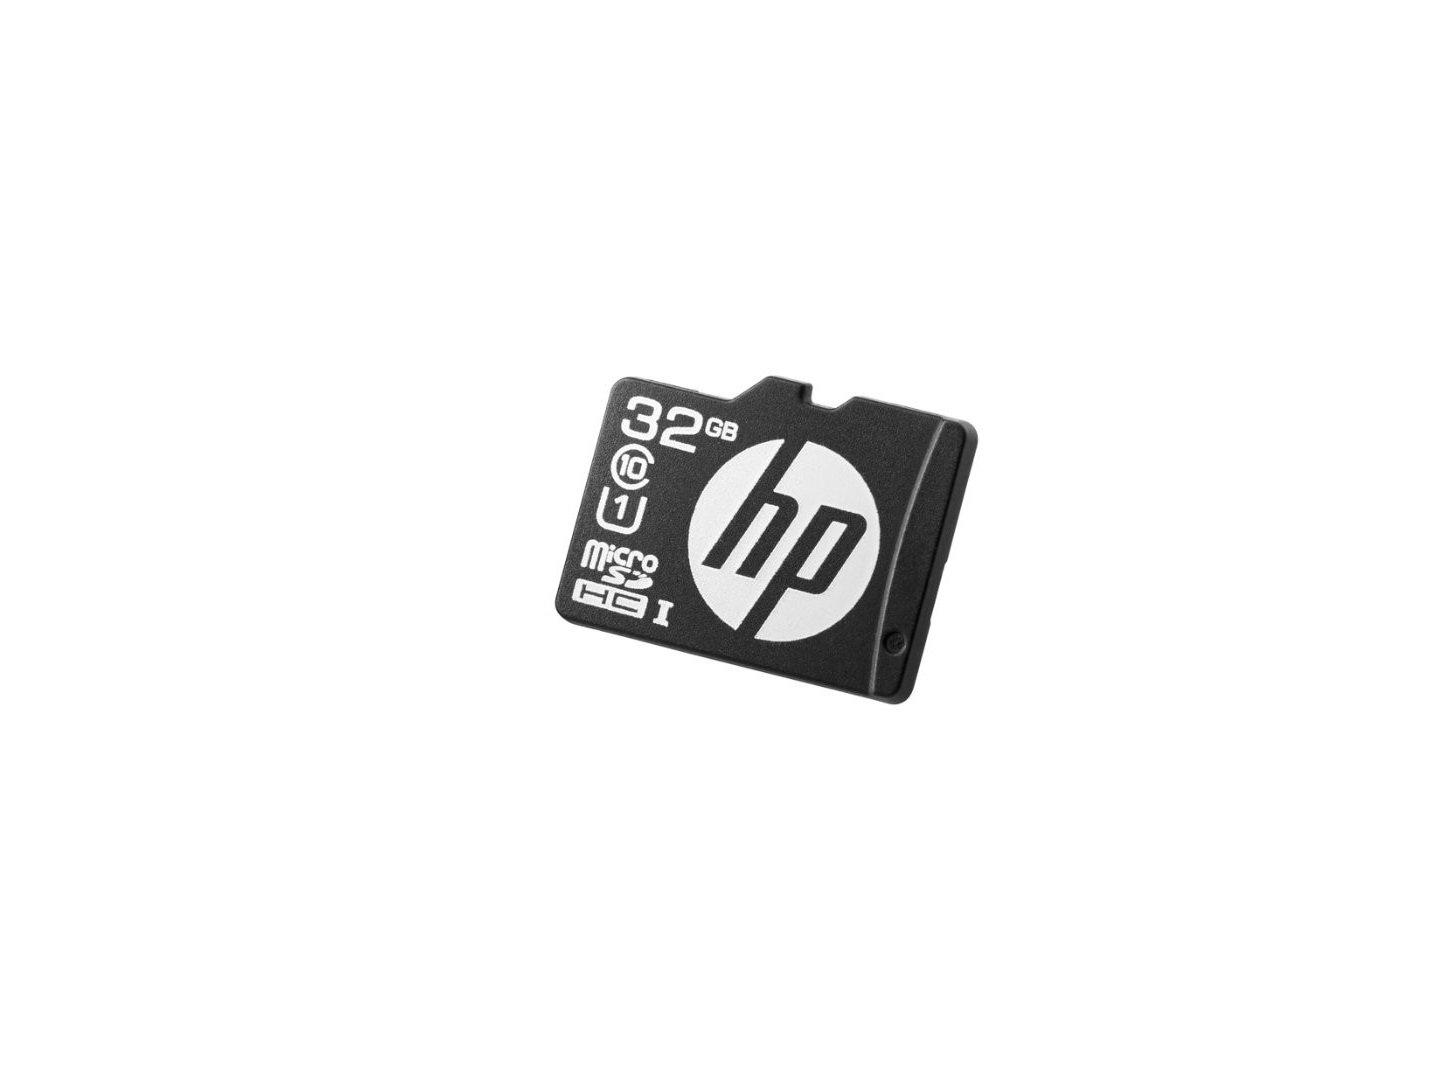 HEWLETT PACKARD 700139-B21 32GB MICROSD MAINSTREAM FLASH MEDIA KIT